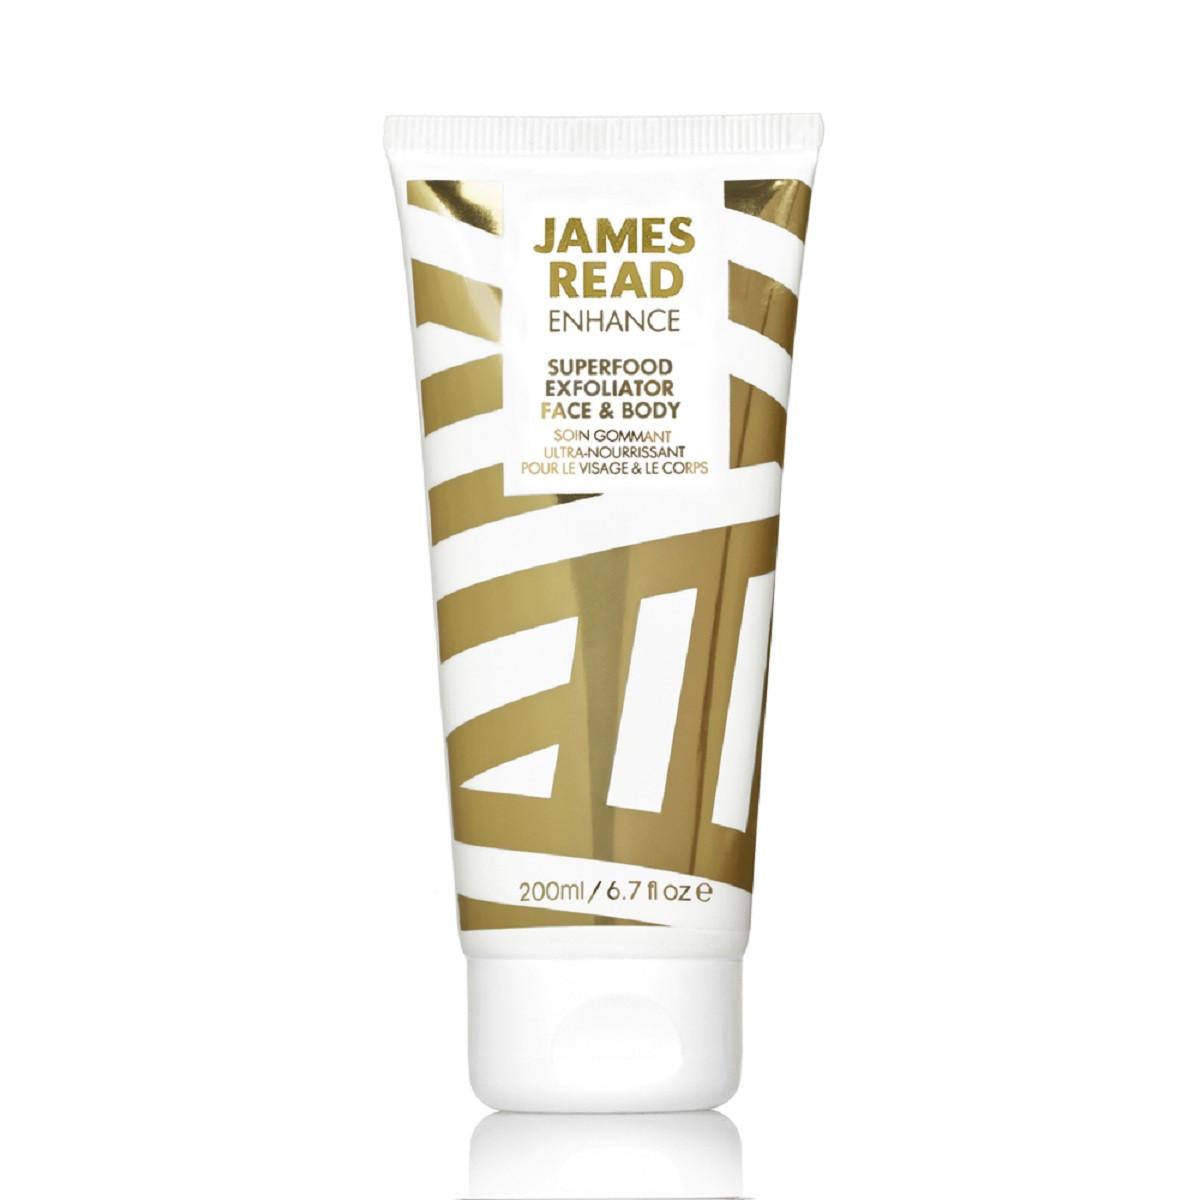 Лосьон увлажняющий для лица и тела James Read Enhance Superfood Moisturizer Face & Body 200 мл